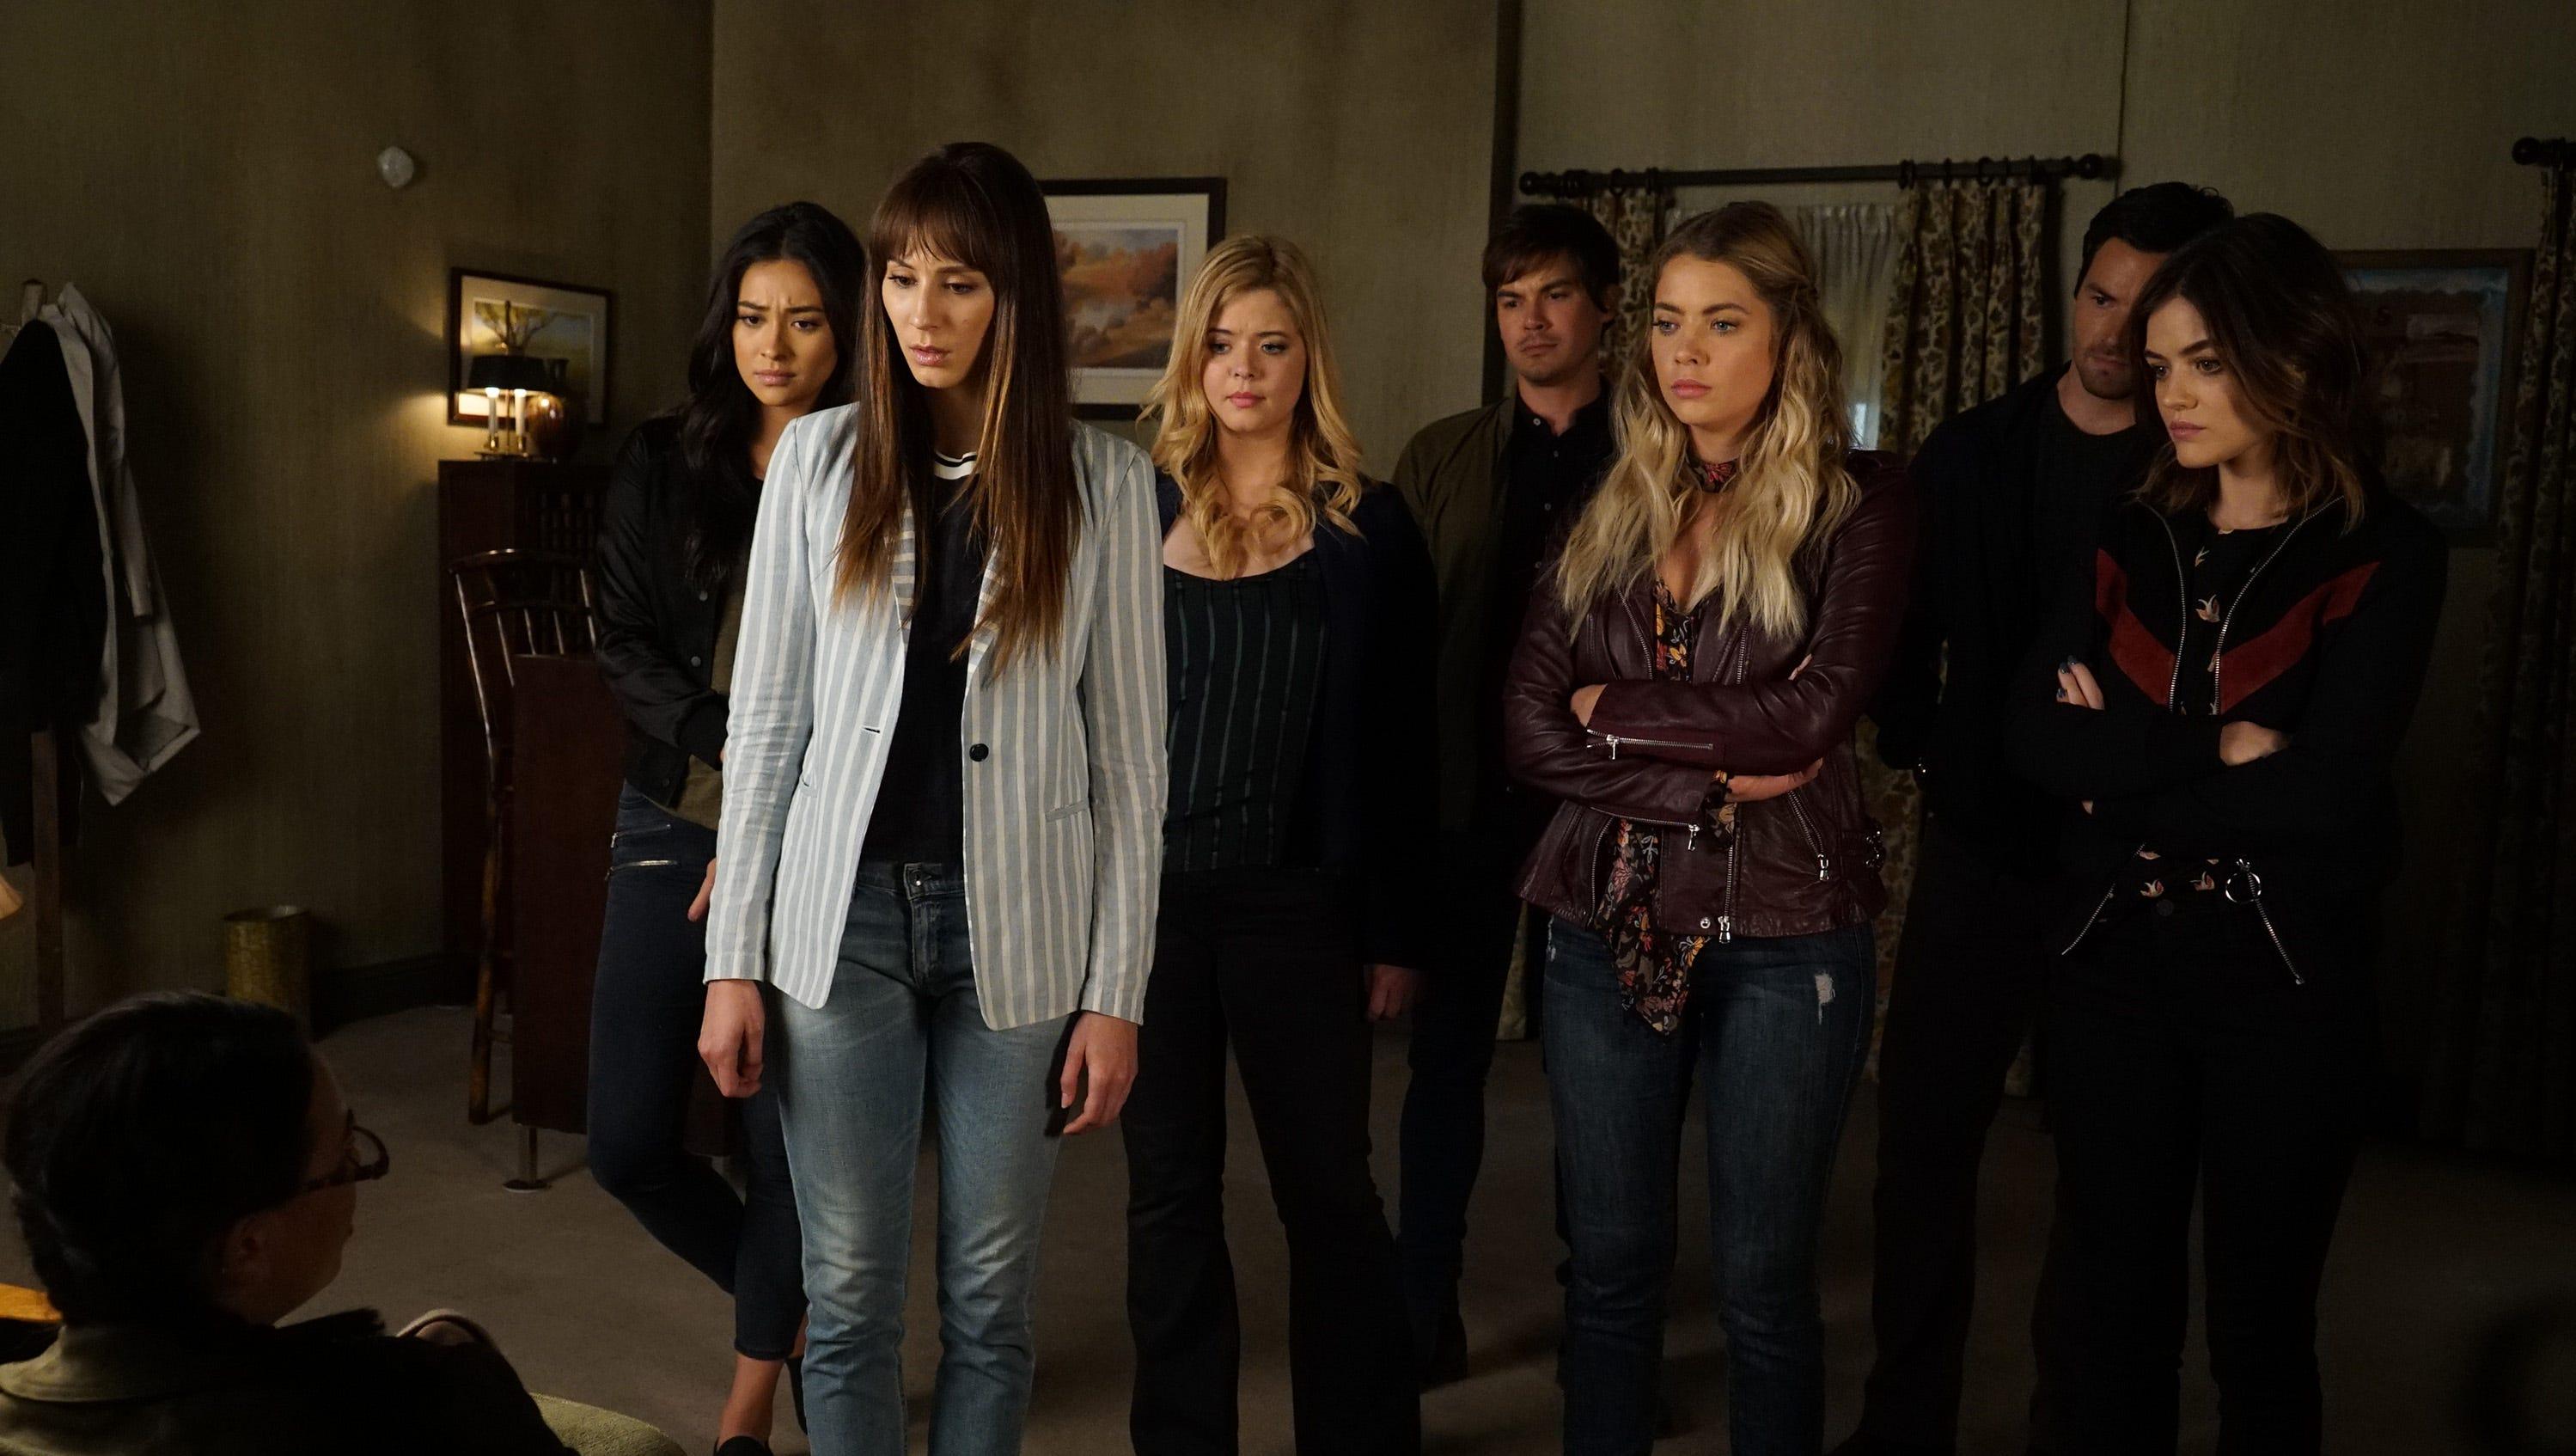 Pretty Little Liars' reveals the identity of A.D. in season final